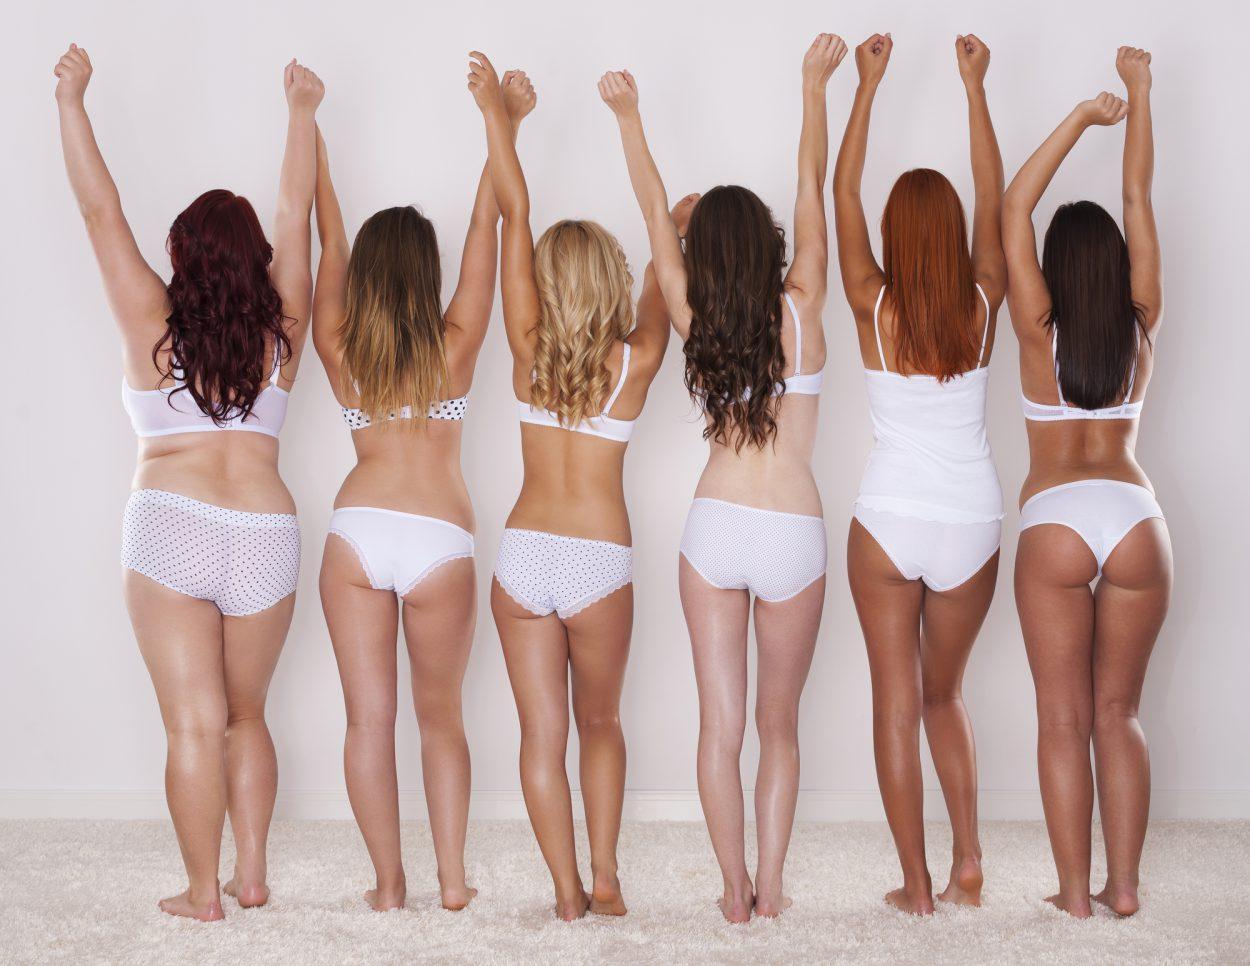 Блогер перечислил 20 фактов о женщинах, с которыми связываться не стоит